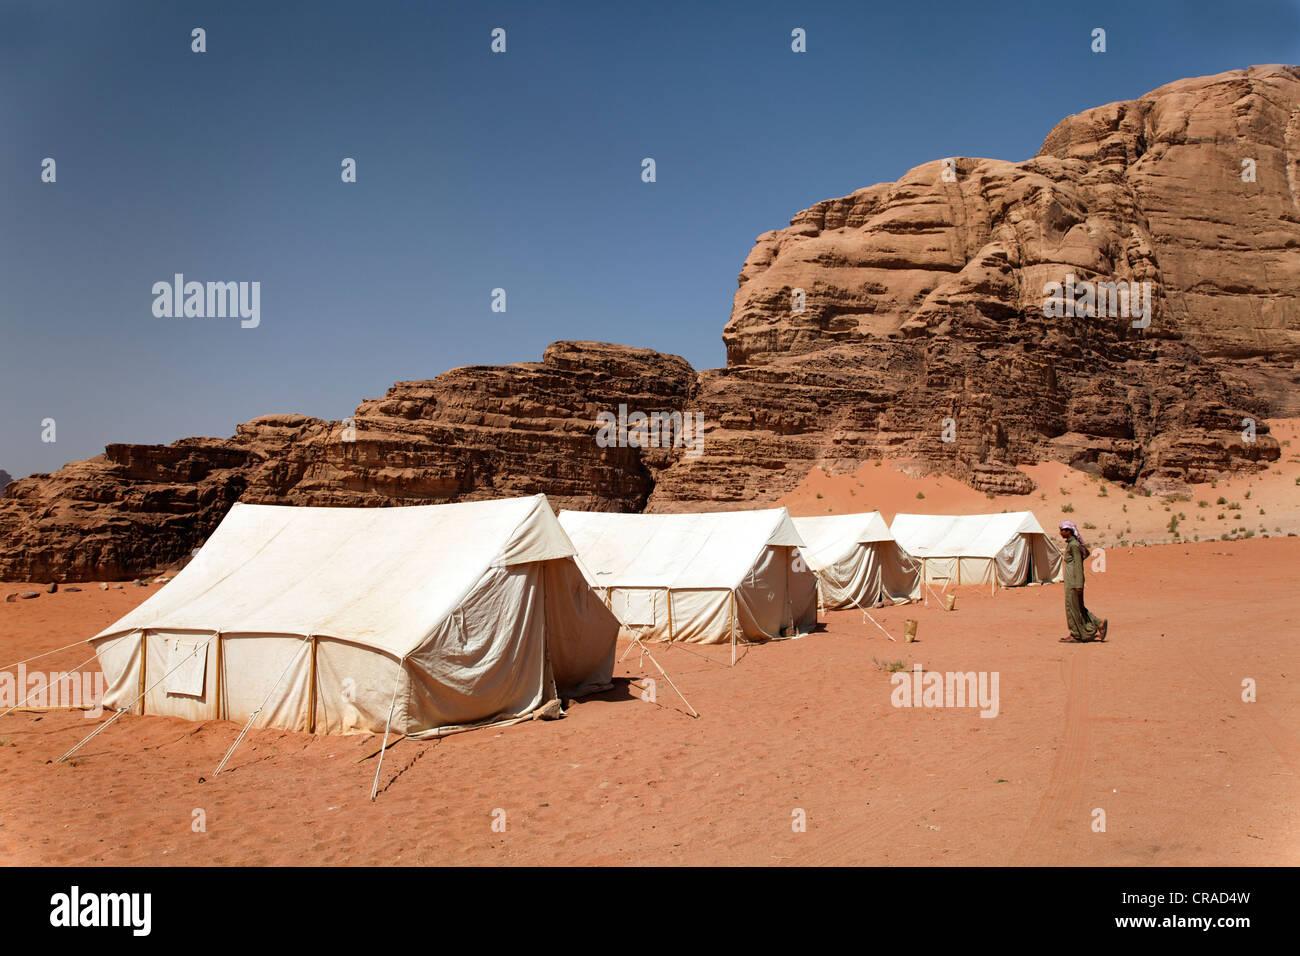 Il camp per turisti, tende, beduino, montagne, deserto, Nature Preserve, Wadi Rum, il Regno hascemita di Giordania, Immagini Stock